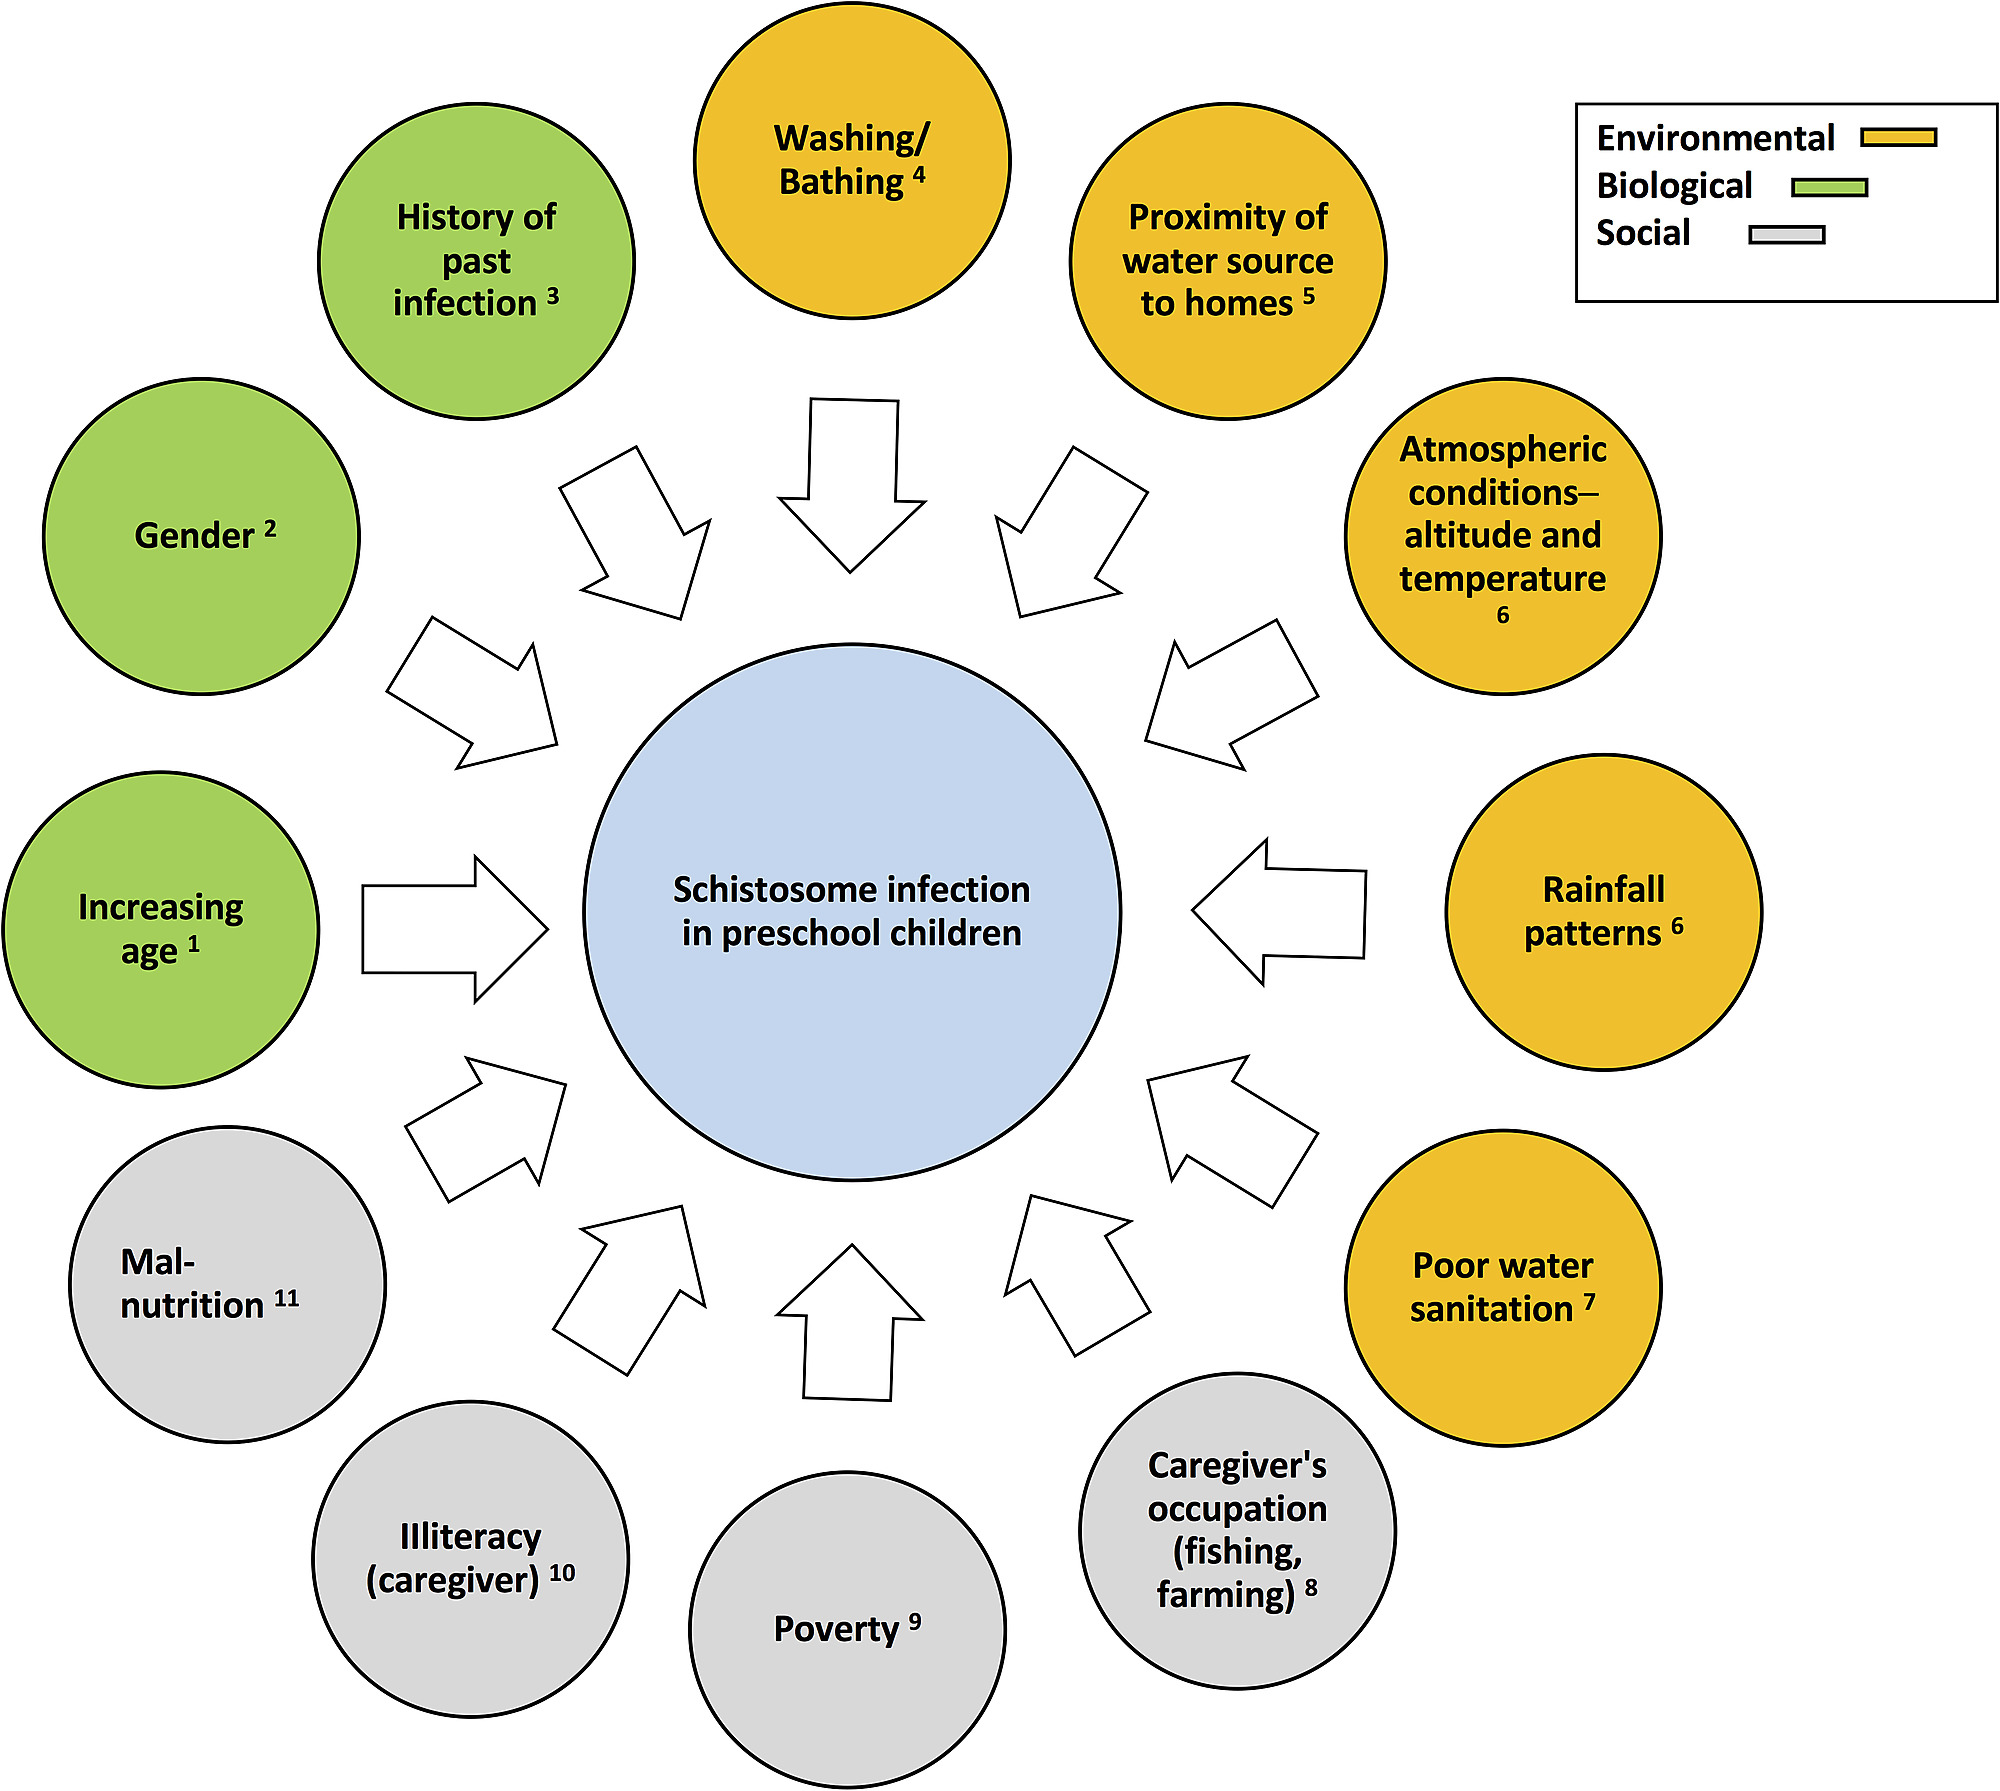 schistosomiasis risk factors